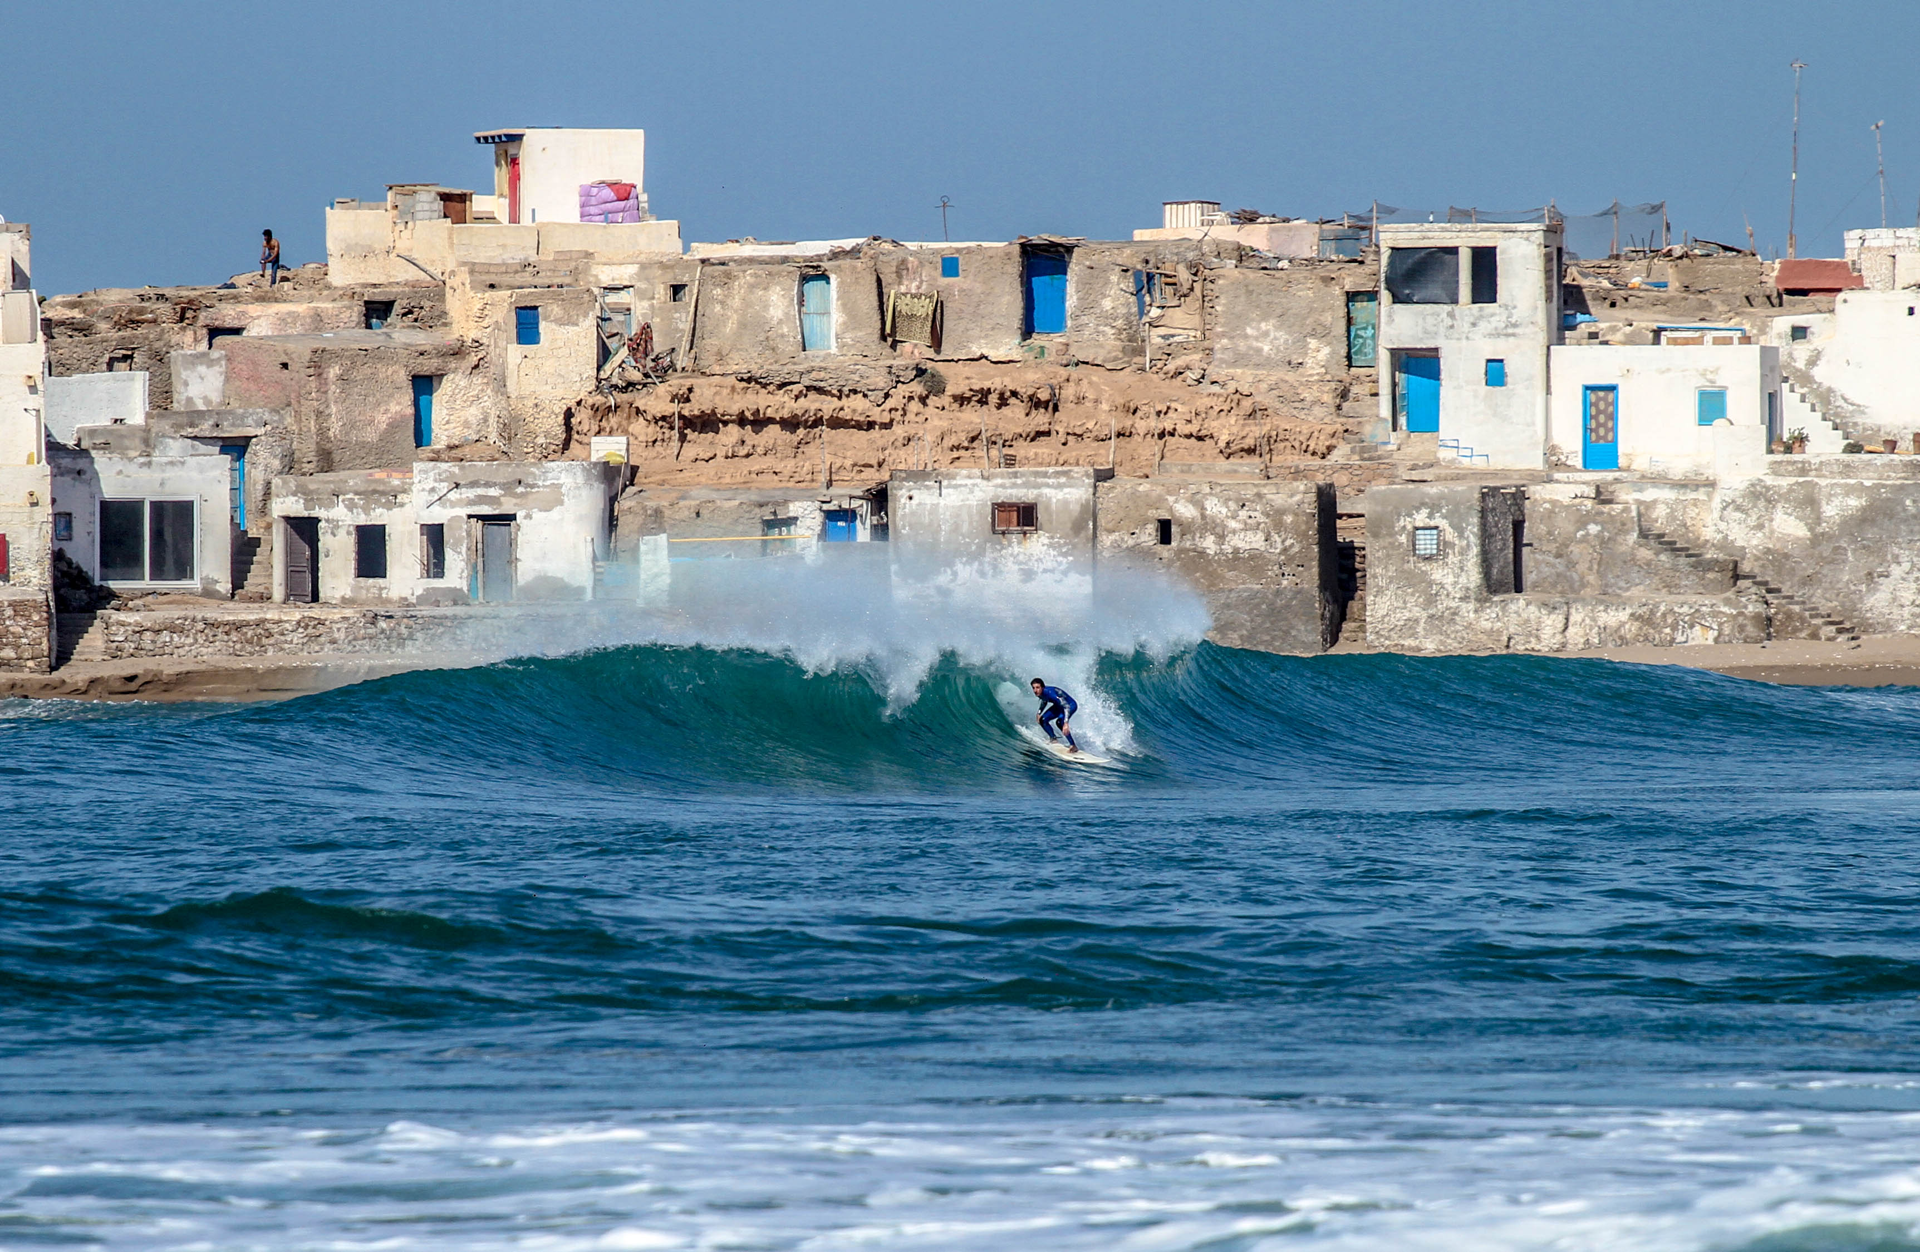 Tifnit surf